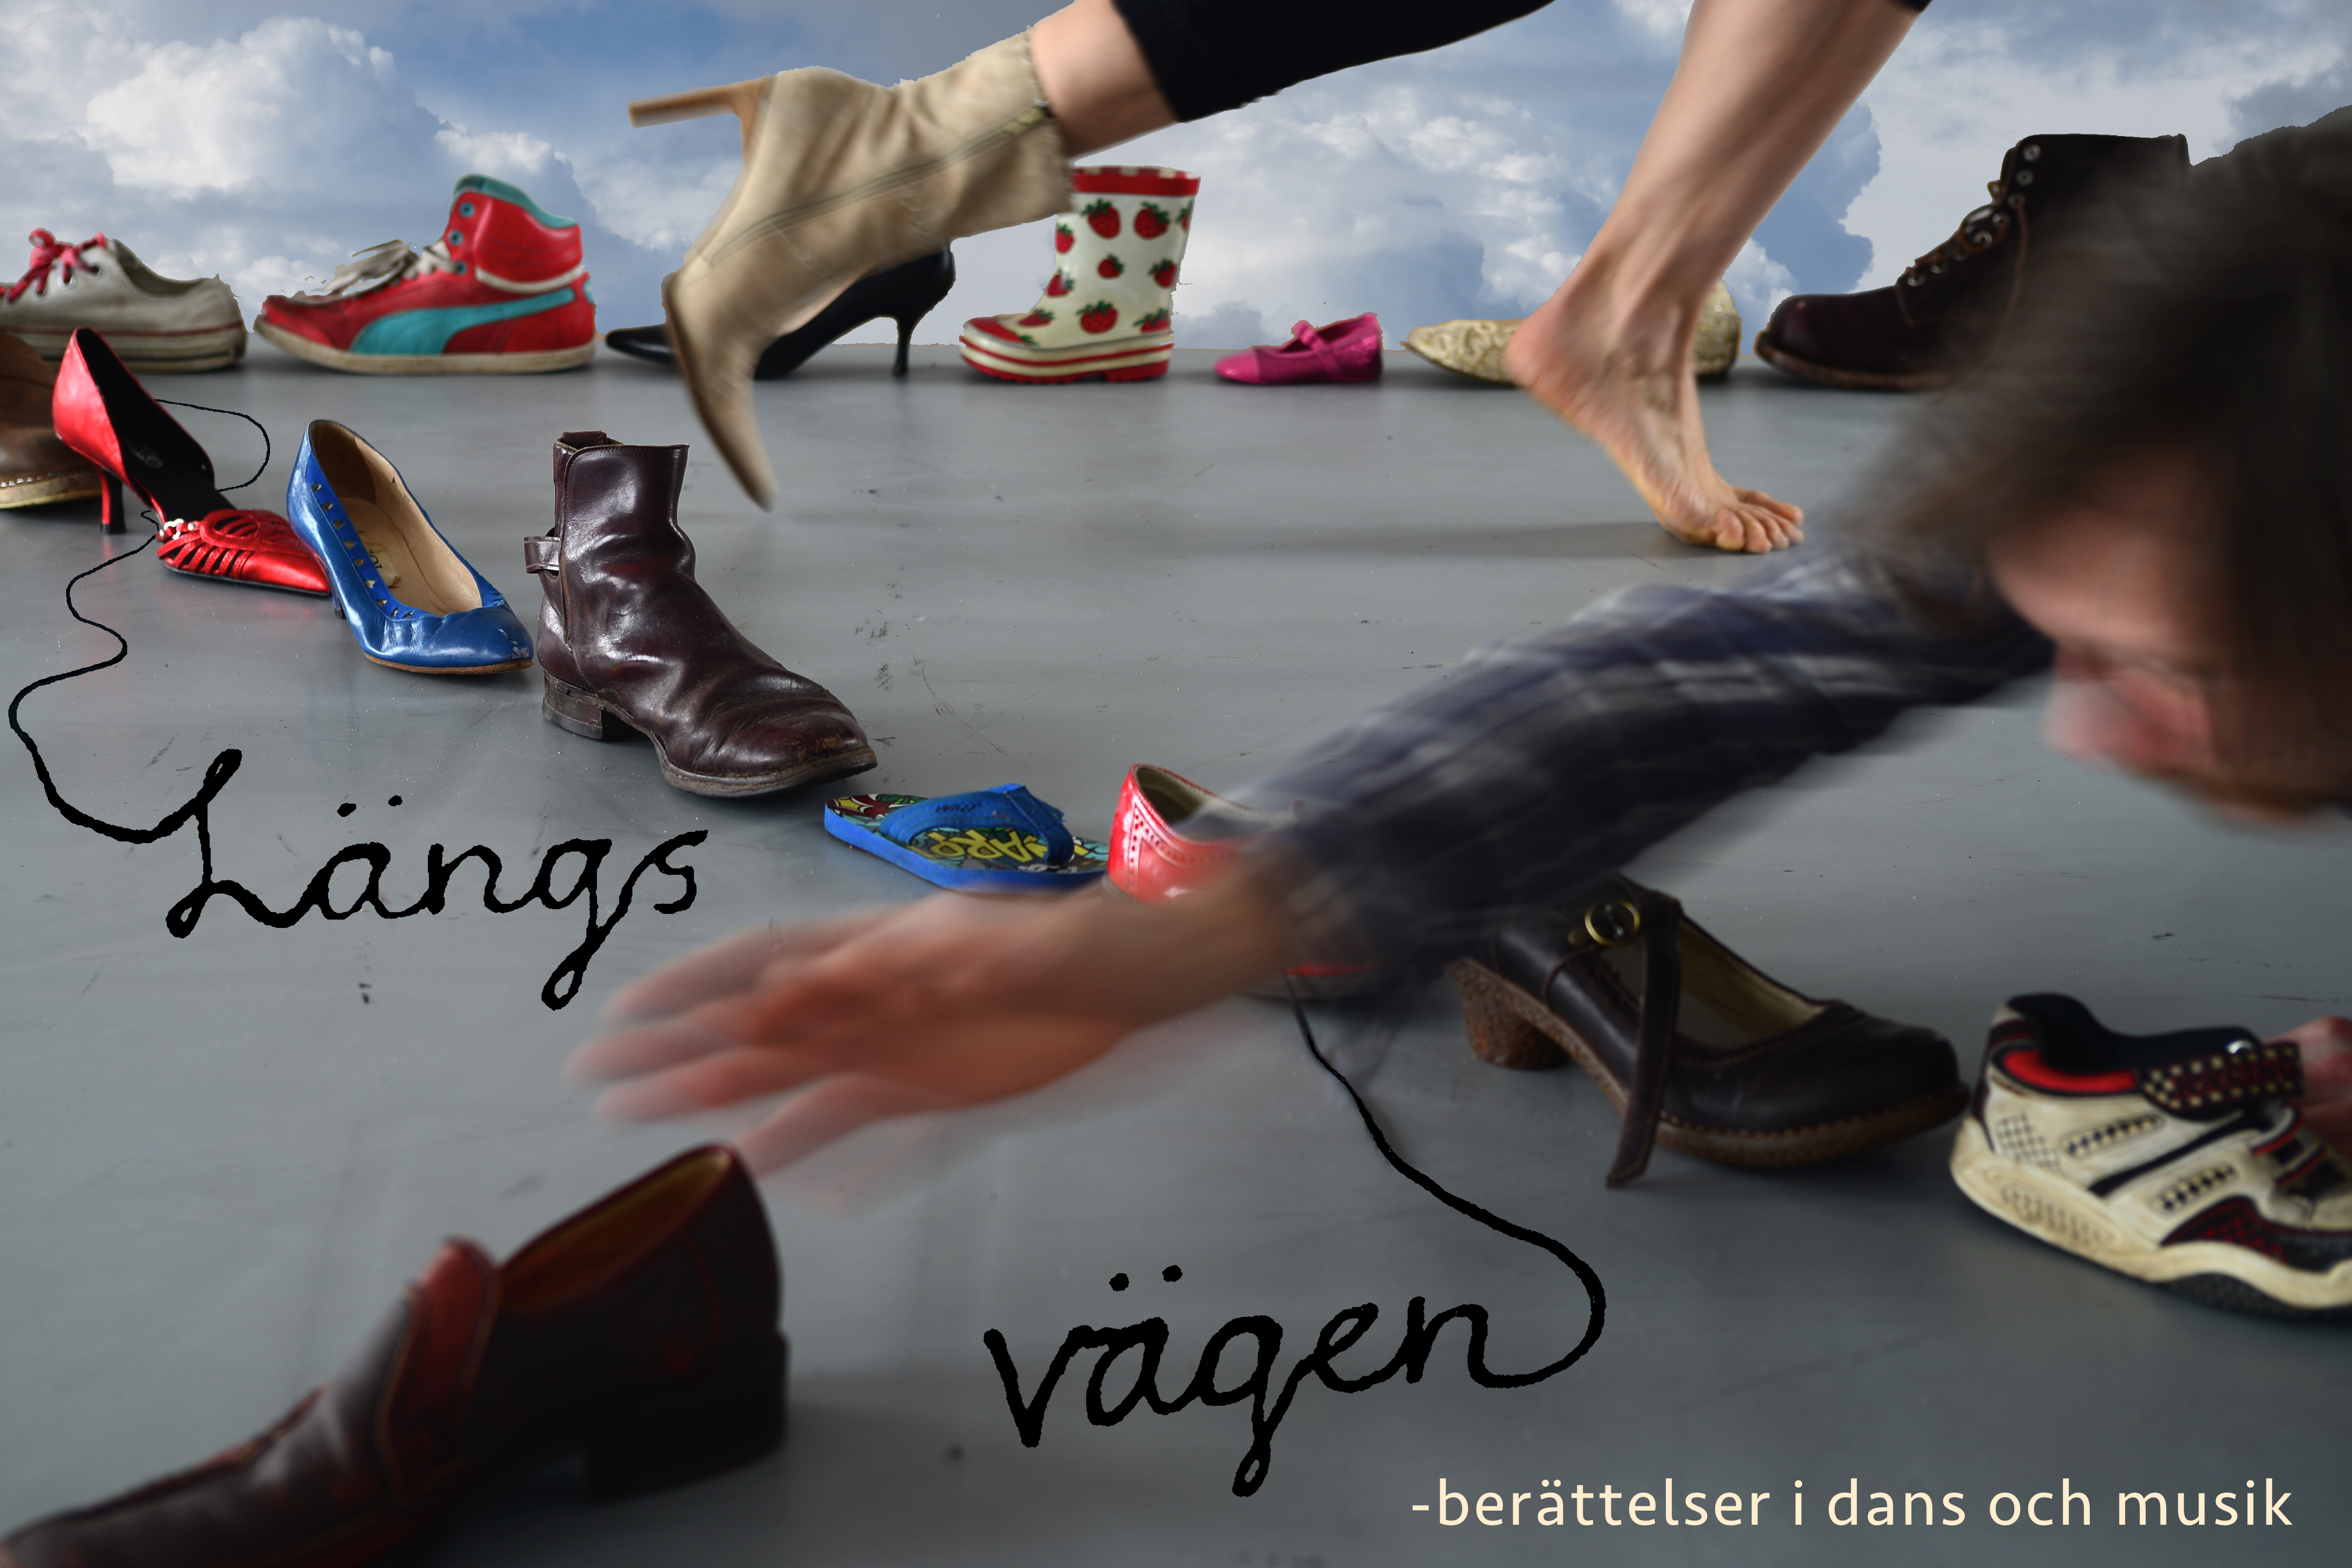 Längs vägen -berättelser i dans och musik